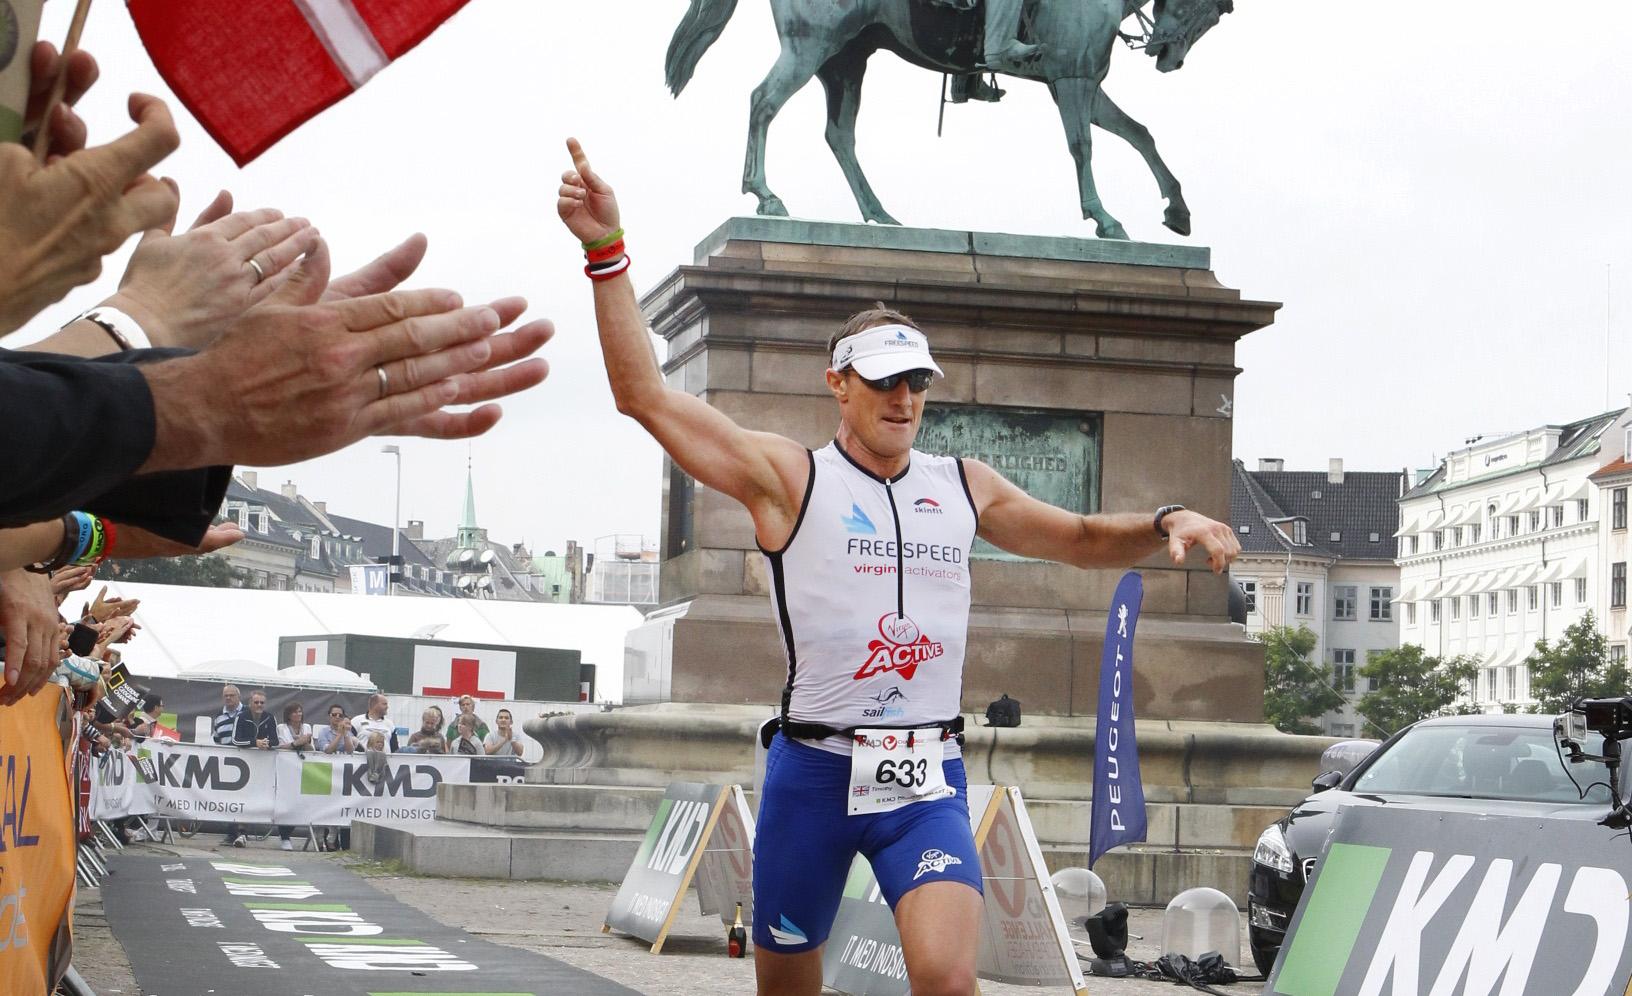 Tim Bishop Challenge Copenhagen